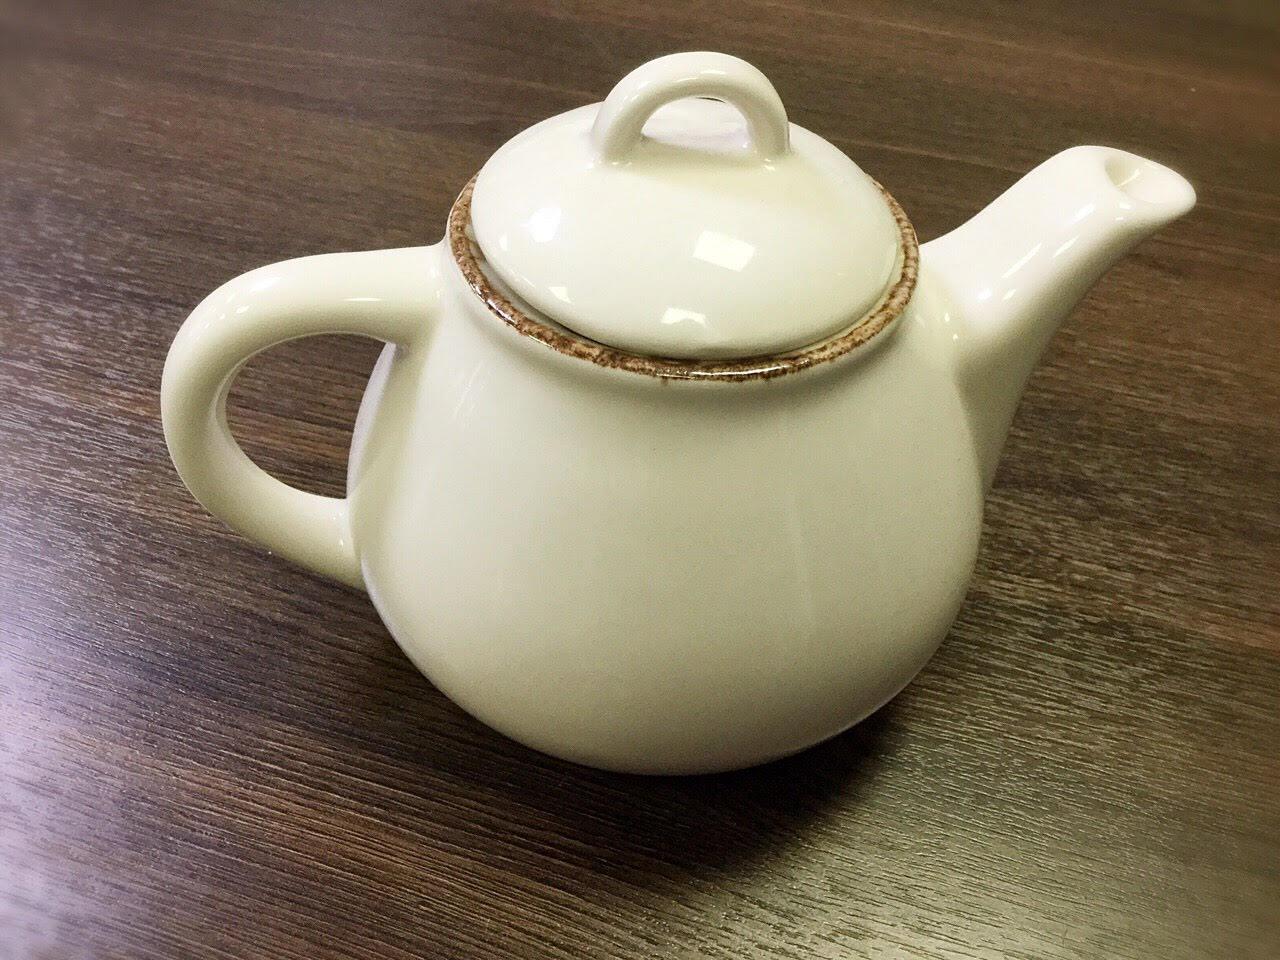 чайник 600 мл белого цвета с ручкой, носиком, крышкой